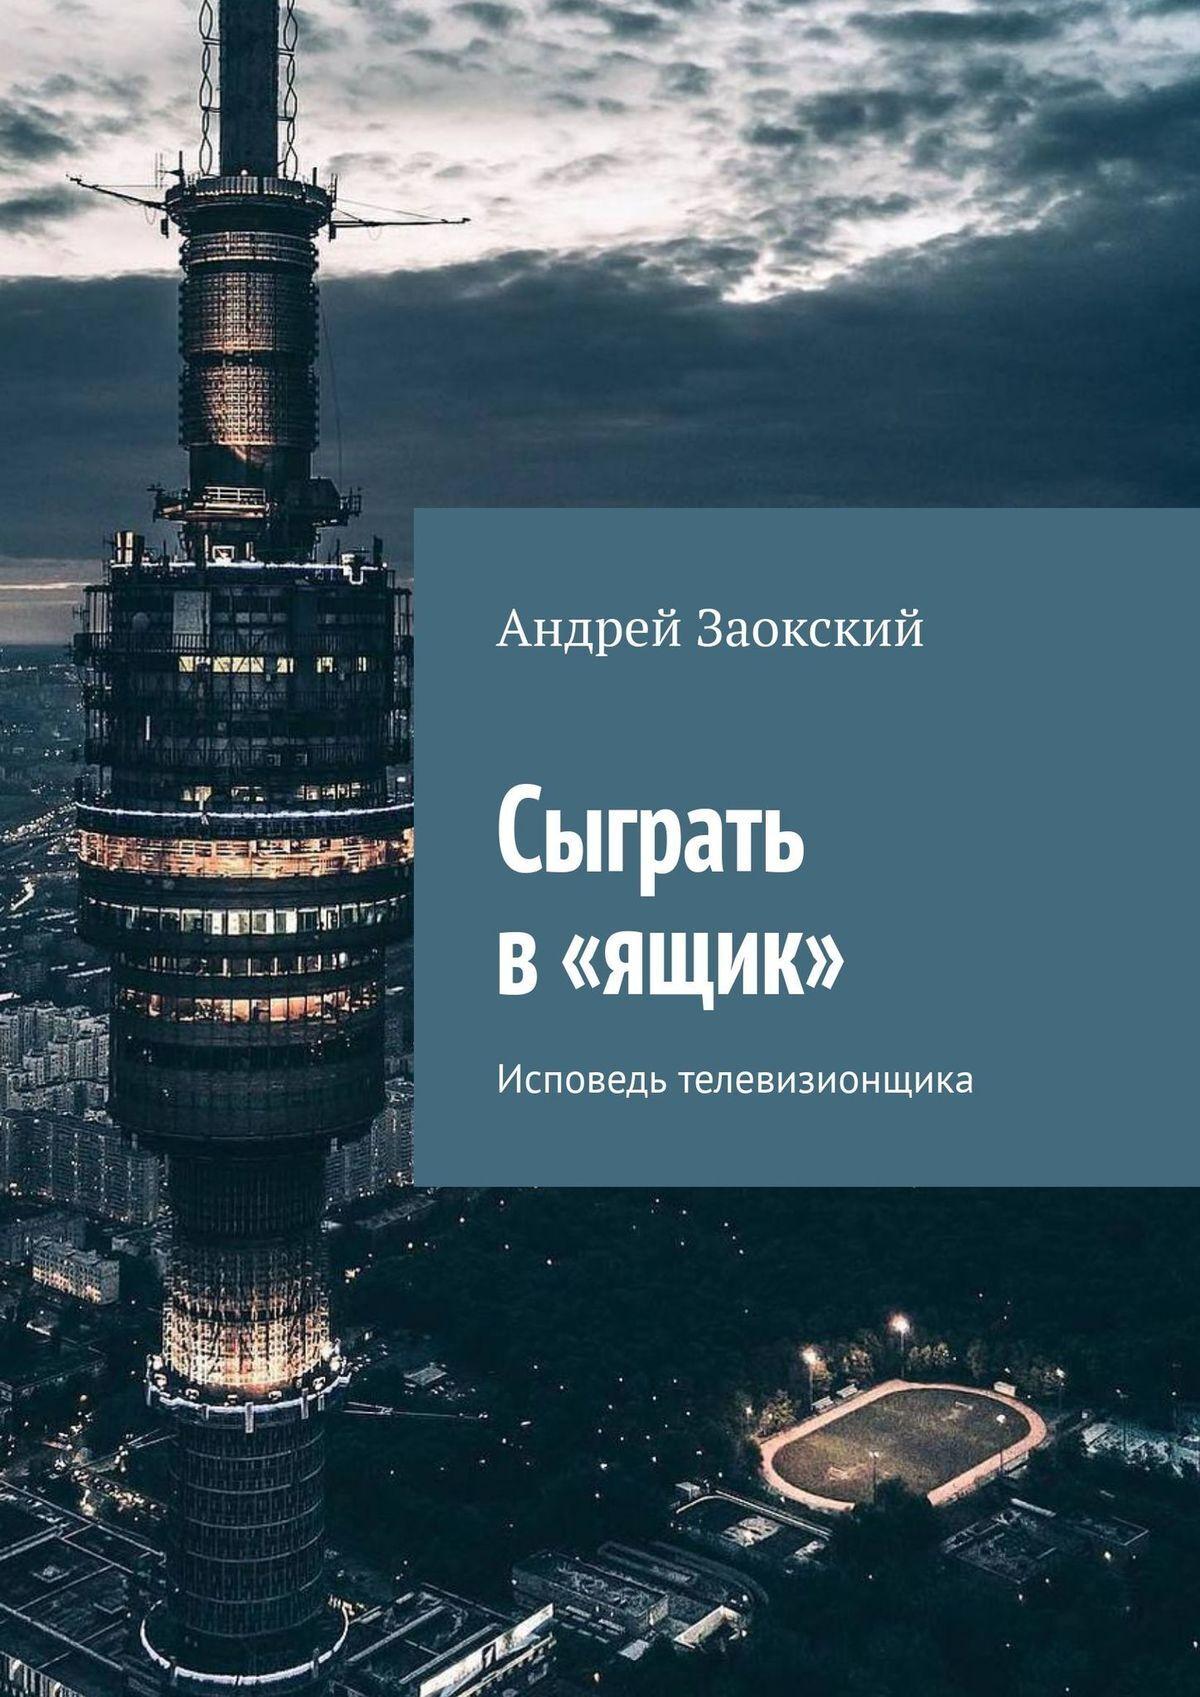 Андрей Заокский Сыграть в«ящик». Исповедь бывшего телевизионщика спутниковое телевидение